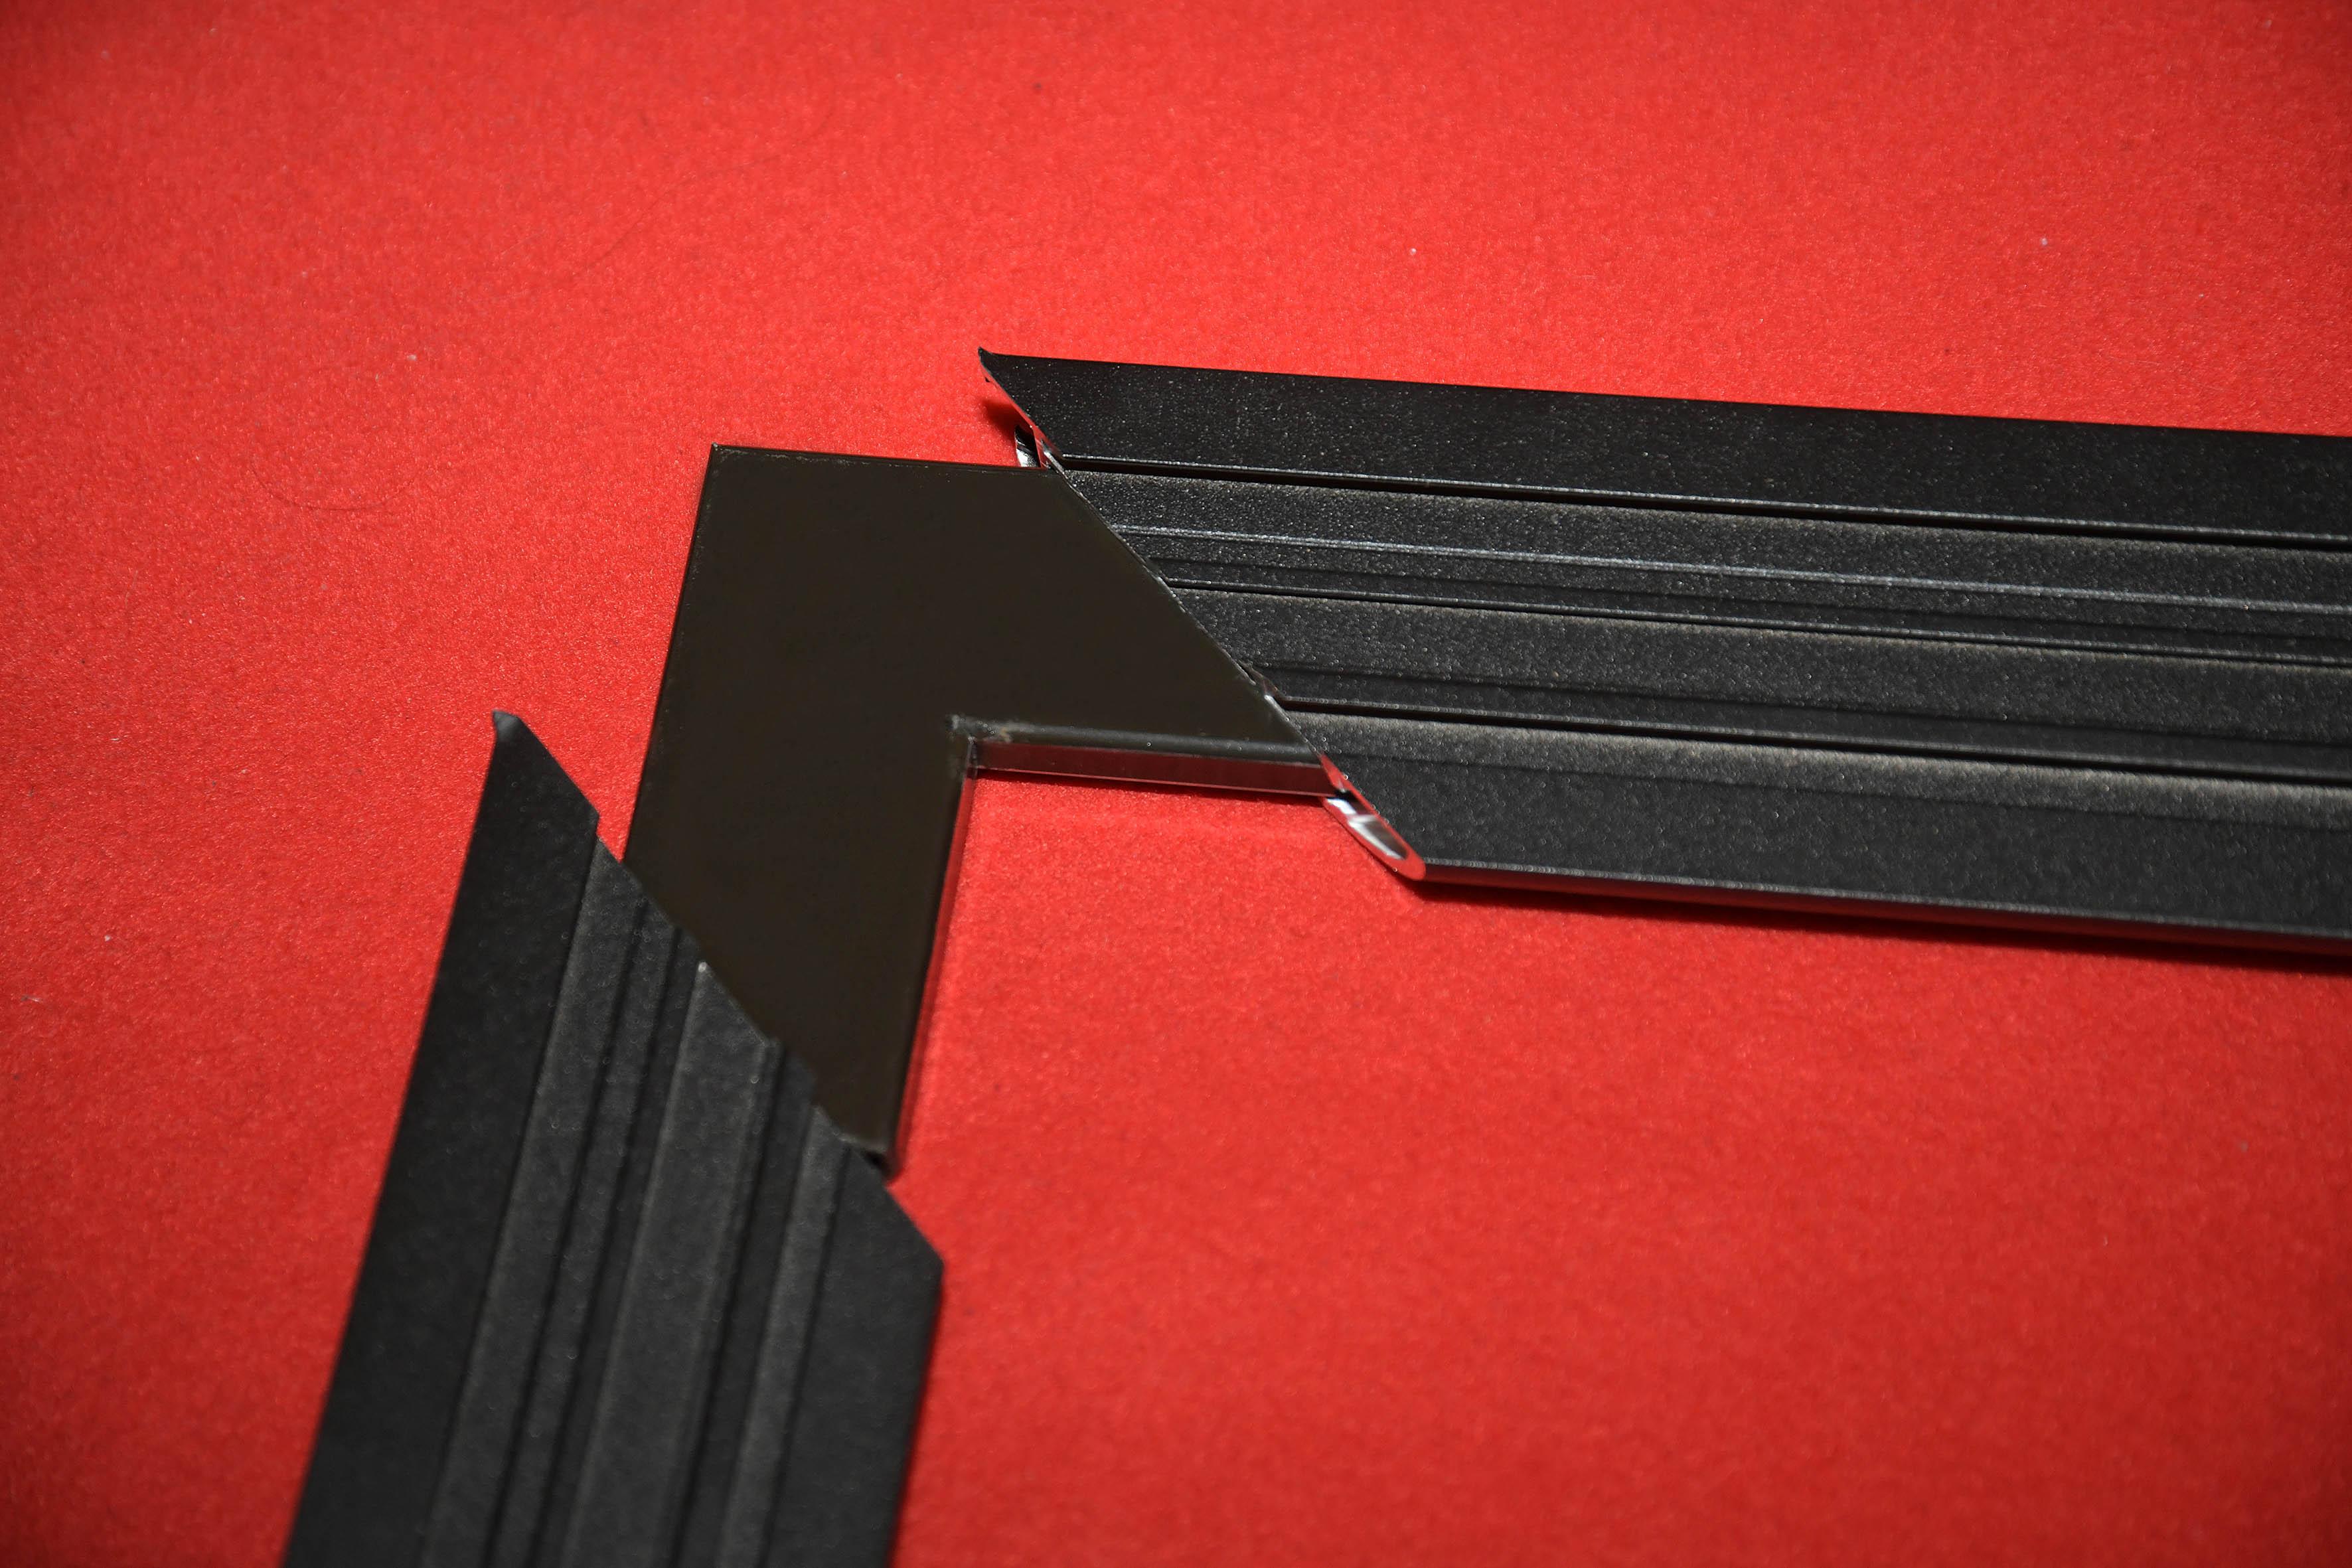 Nachdem die Wandhalter in die obere Schiene eingefügt sind, geht es weiter. Zum Lieferumfang gehören vier flache Winkel. Diese werden einfach in die Aluminium-Profile eingeschoben (Foto).